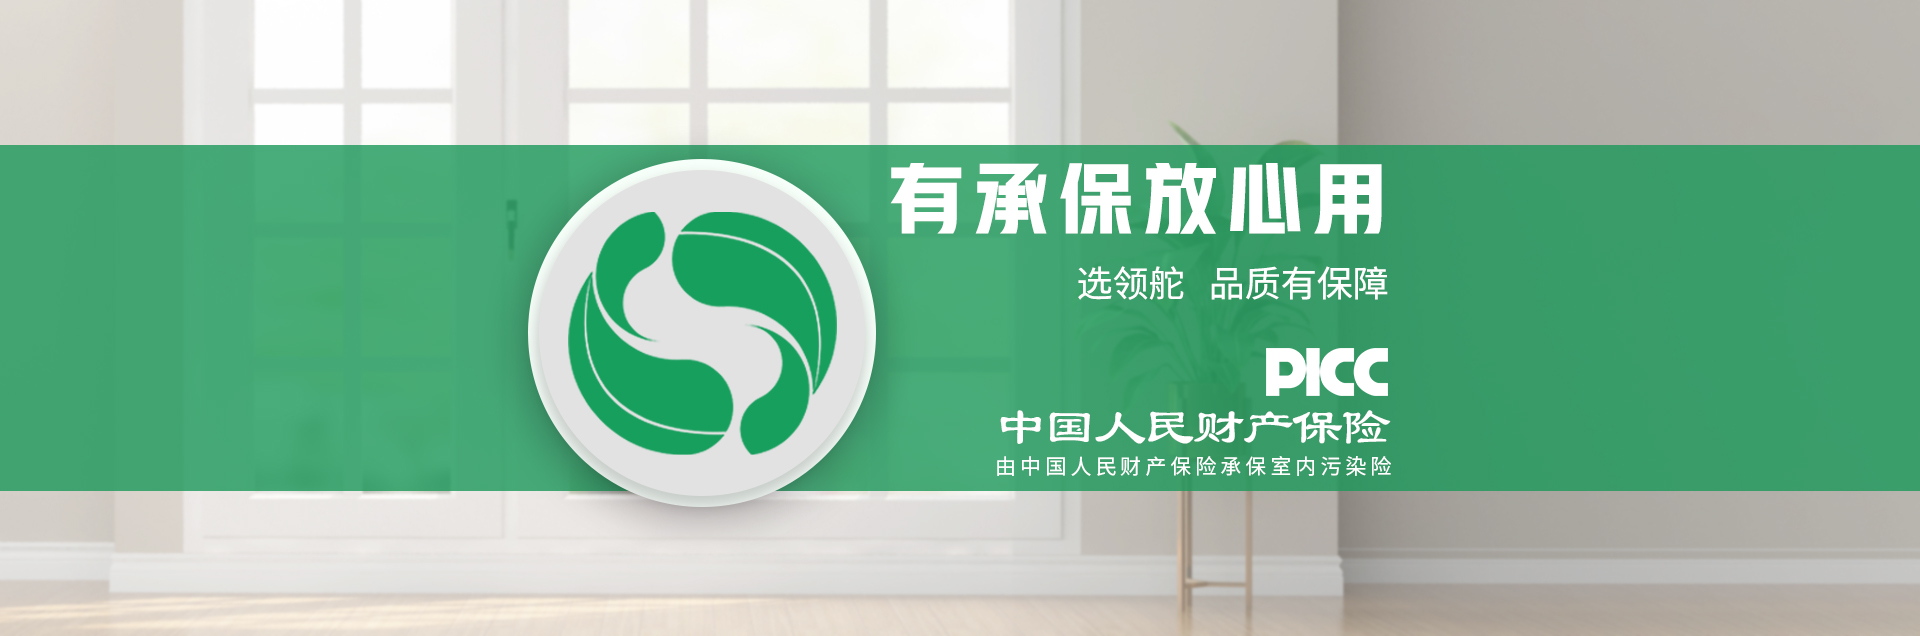 火狐直播app官方下载环保05